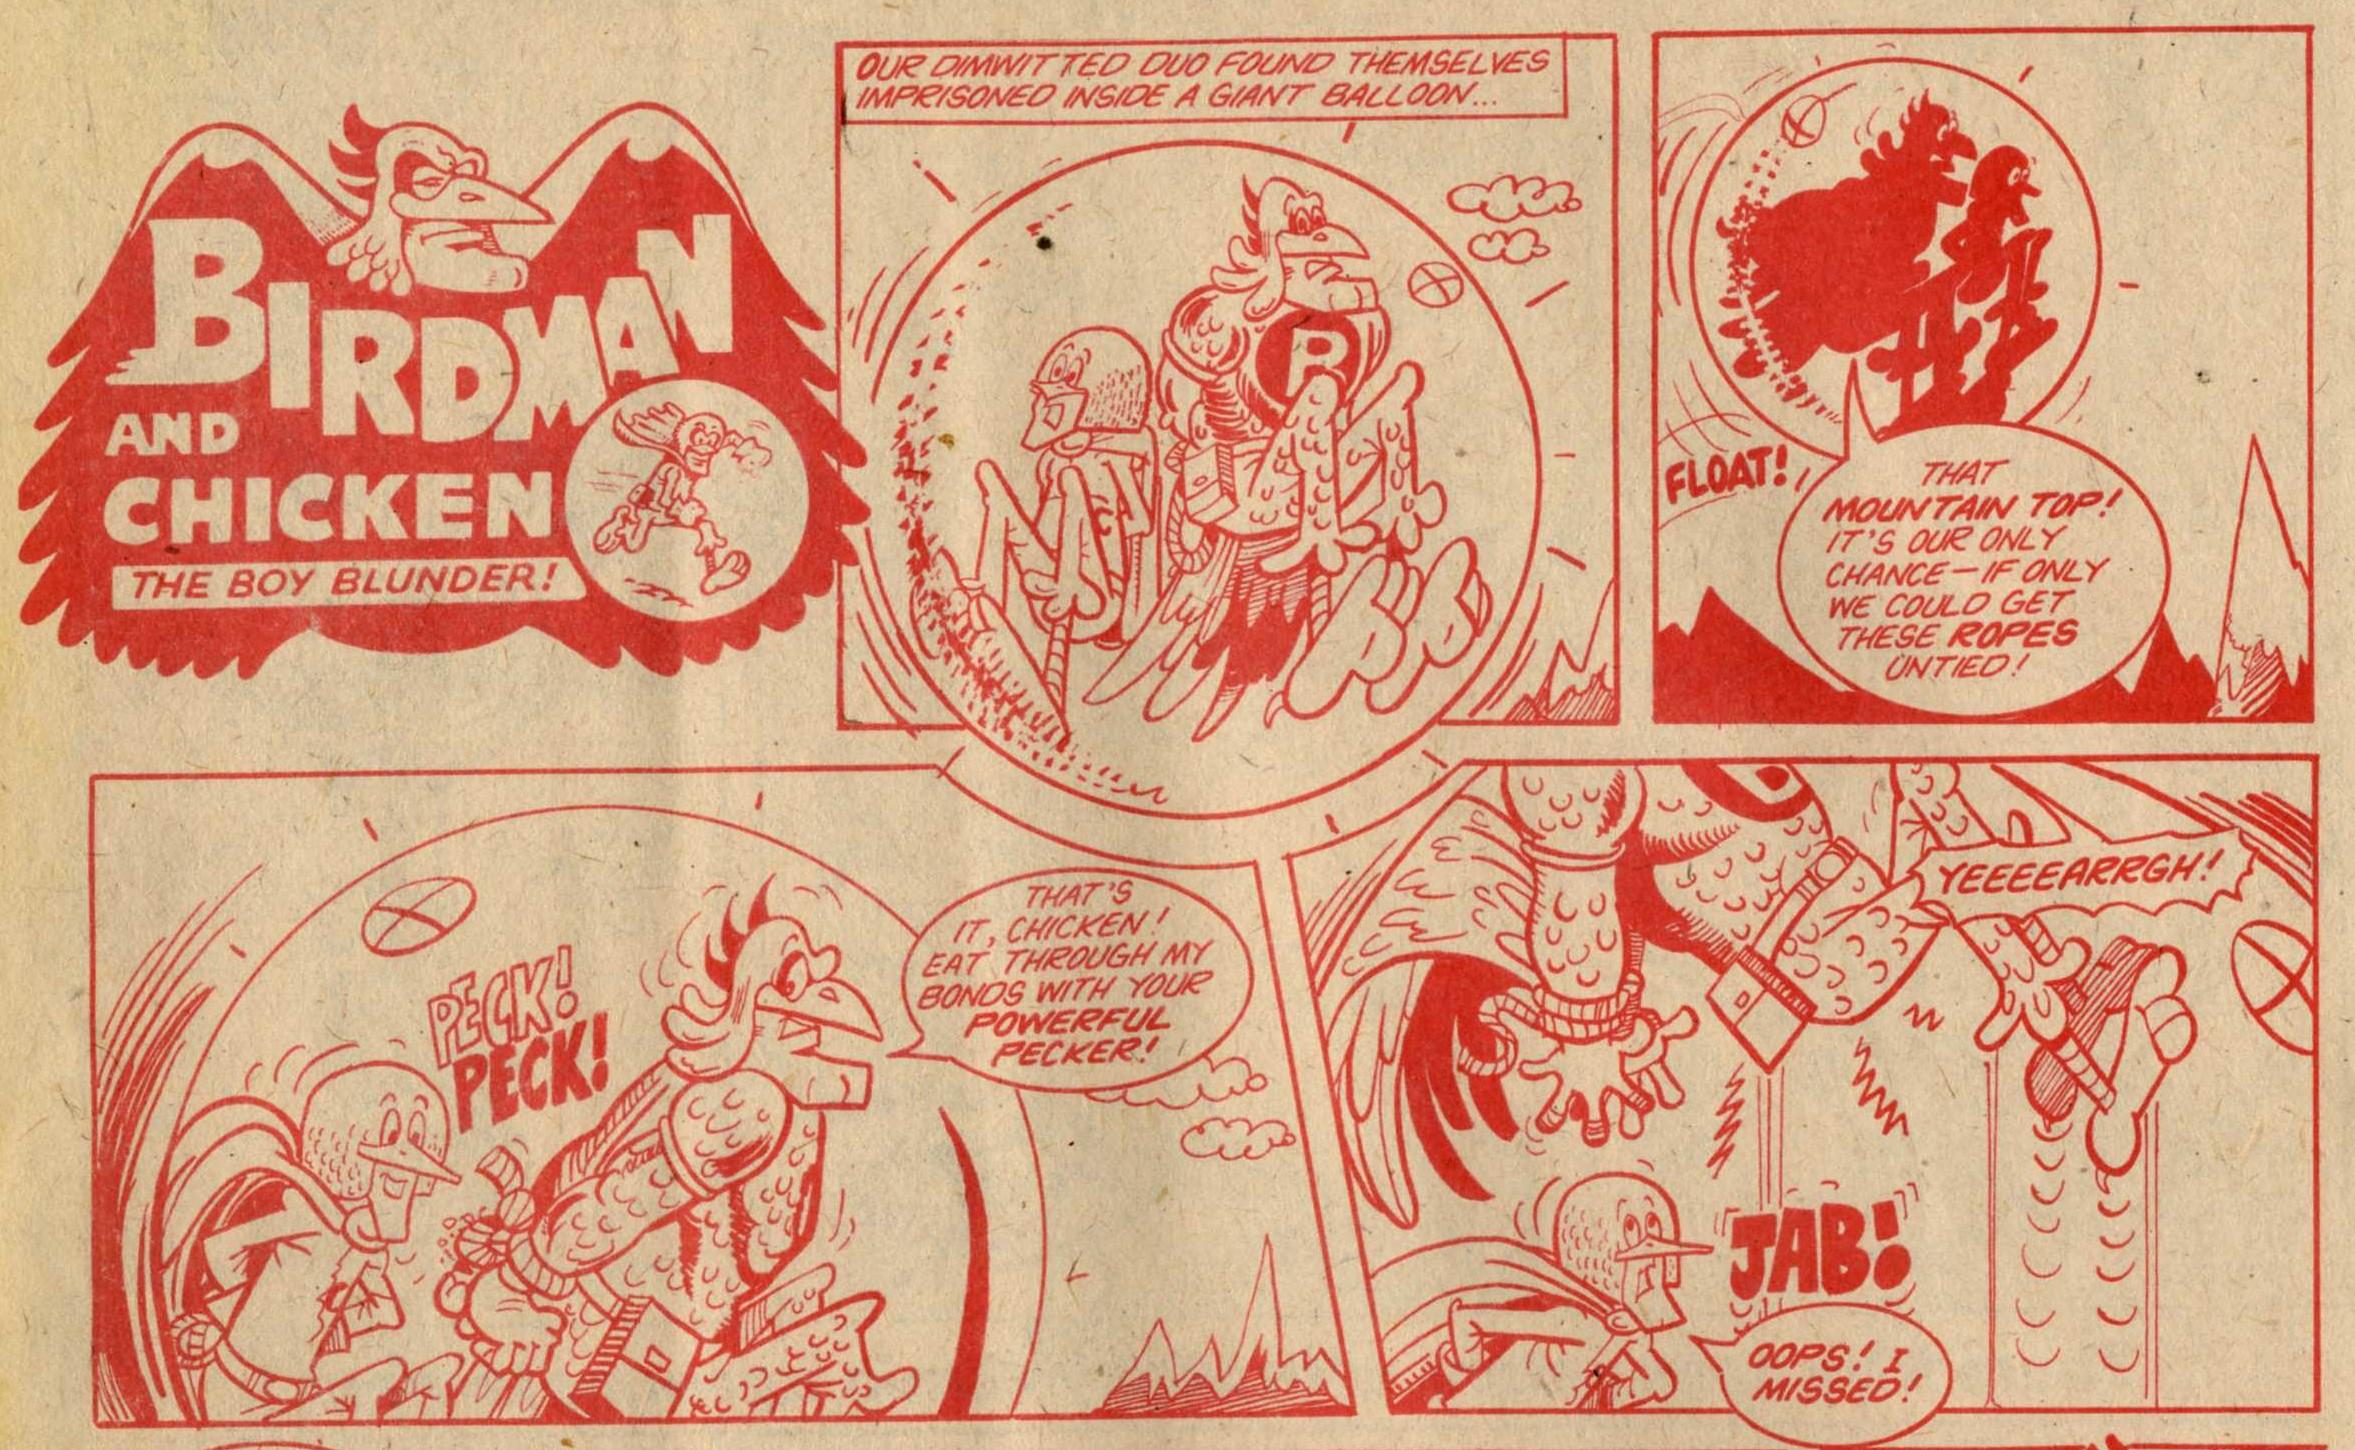 Birdman and Chicken: Tom Williams (artist)